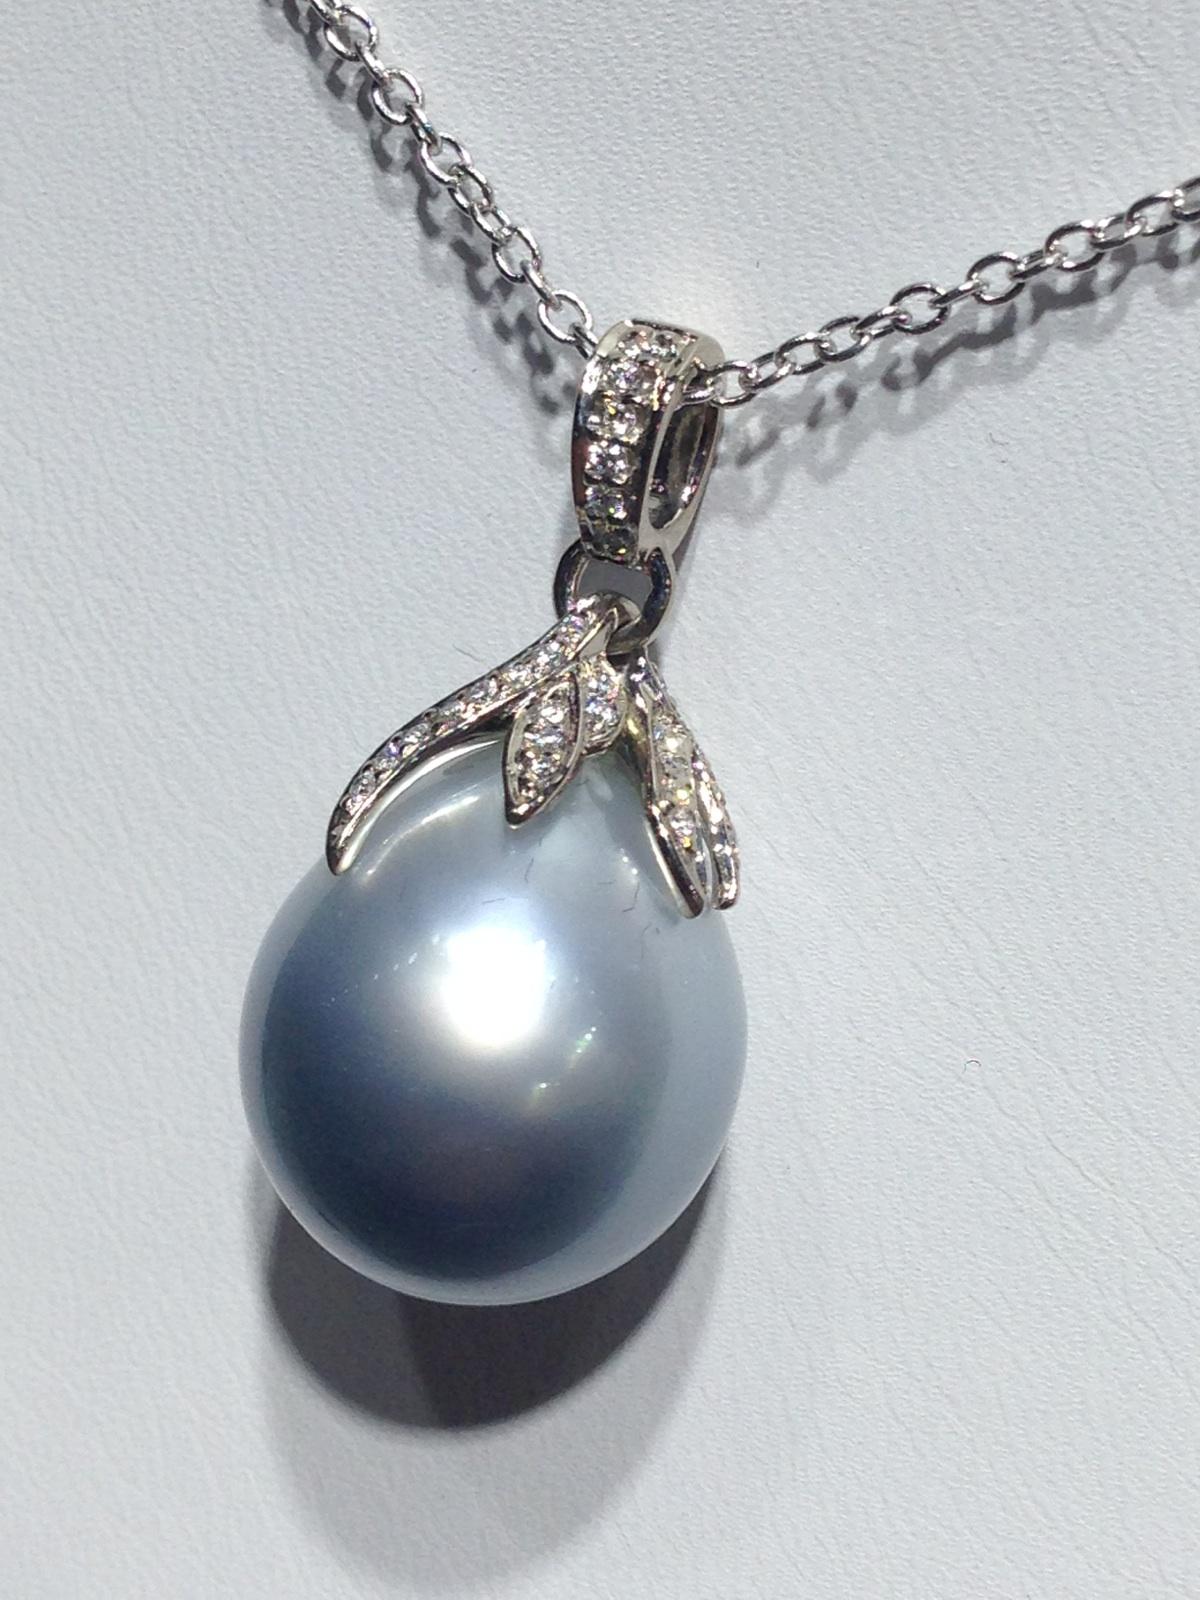 unique-pearl-pendant-white-gold-diamond-accents-delicate-pendant-craft-revival-jewelry-store-grand-rapids